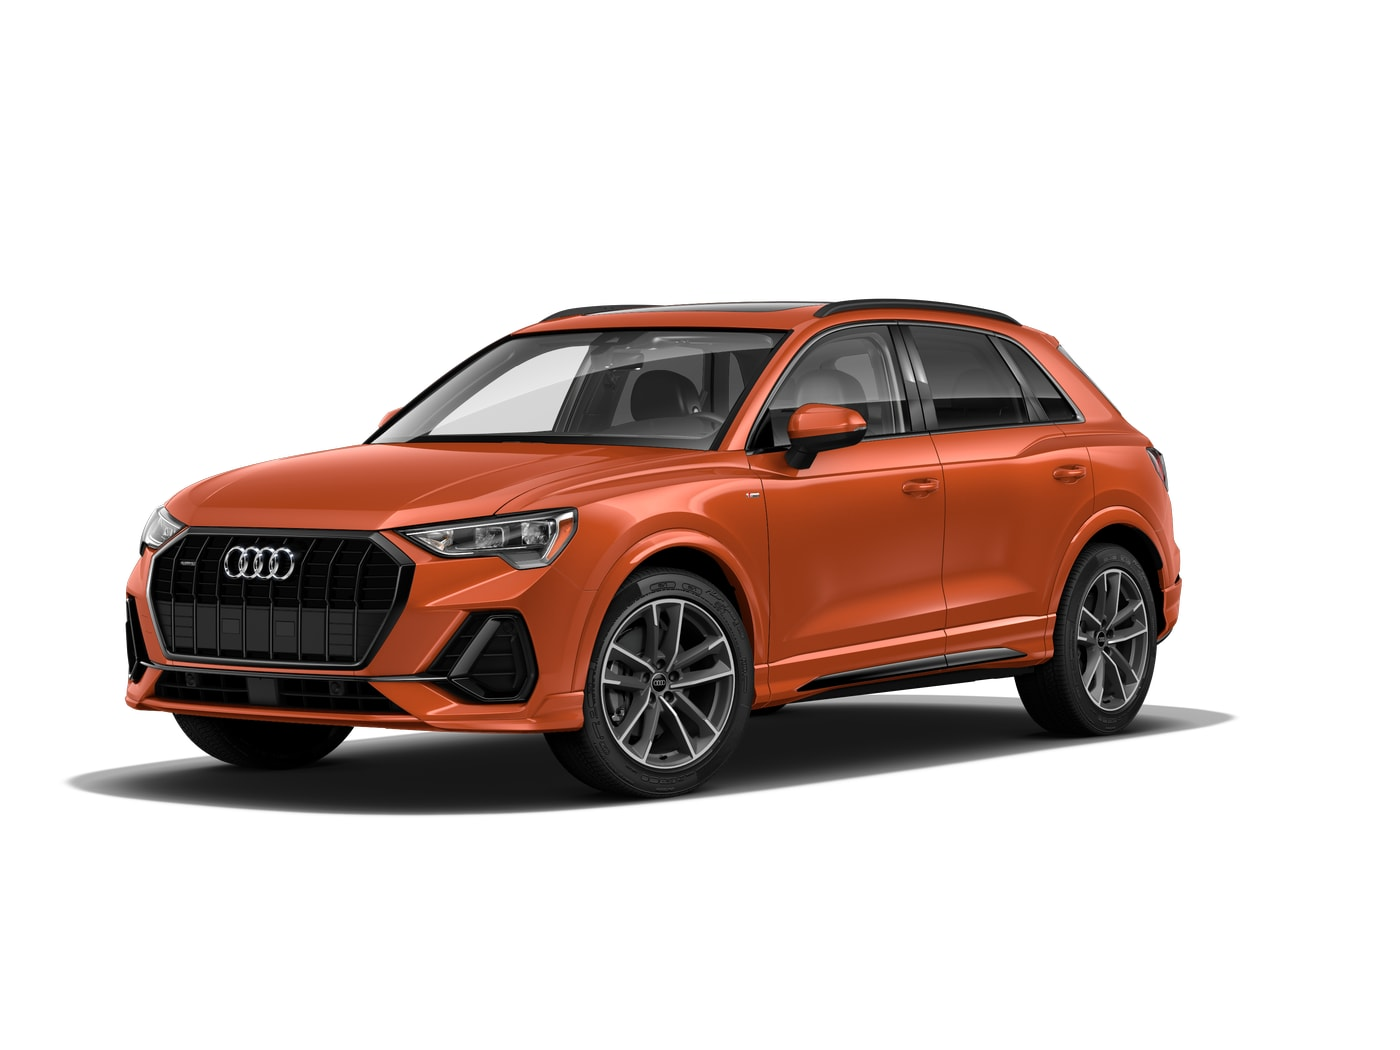 2021 Audi Q3 SUV